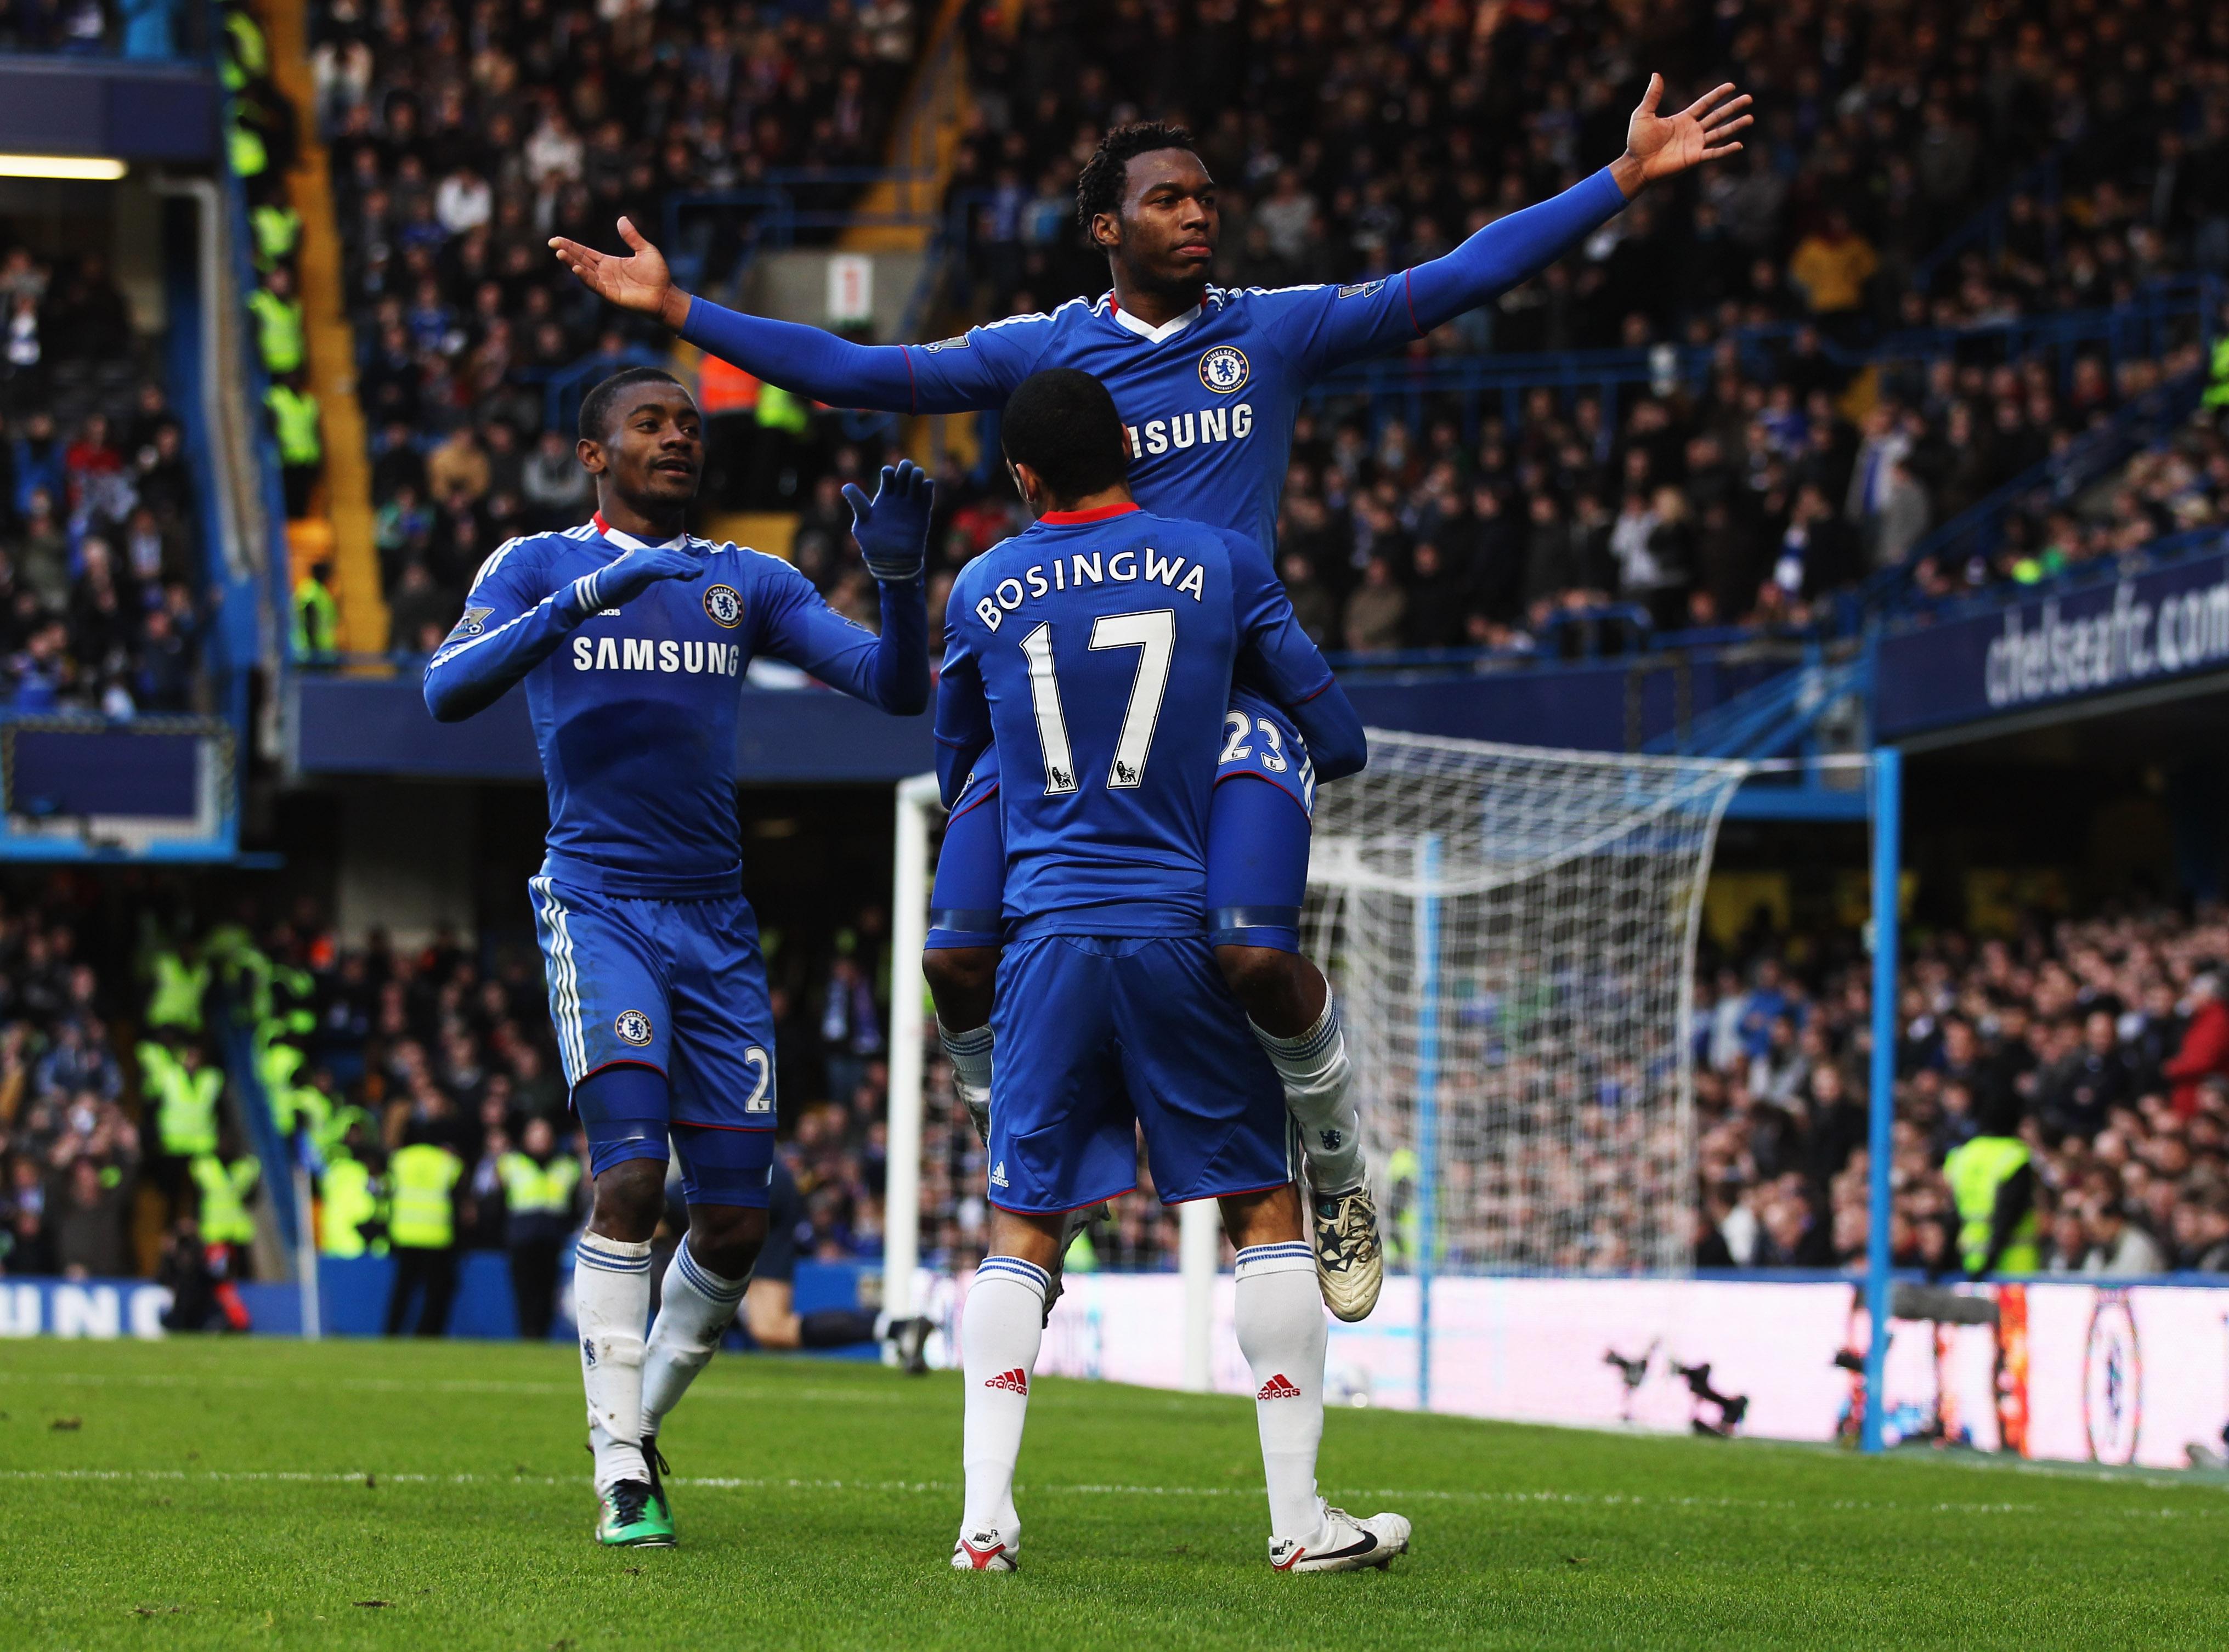 Chelsea vs Ipswich Town